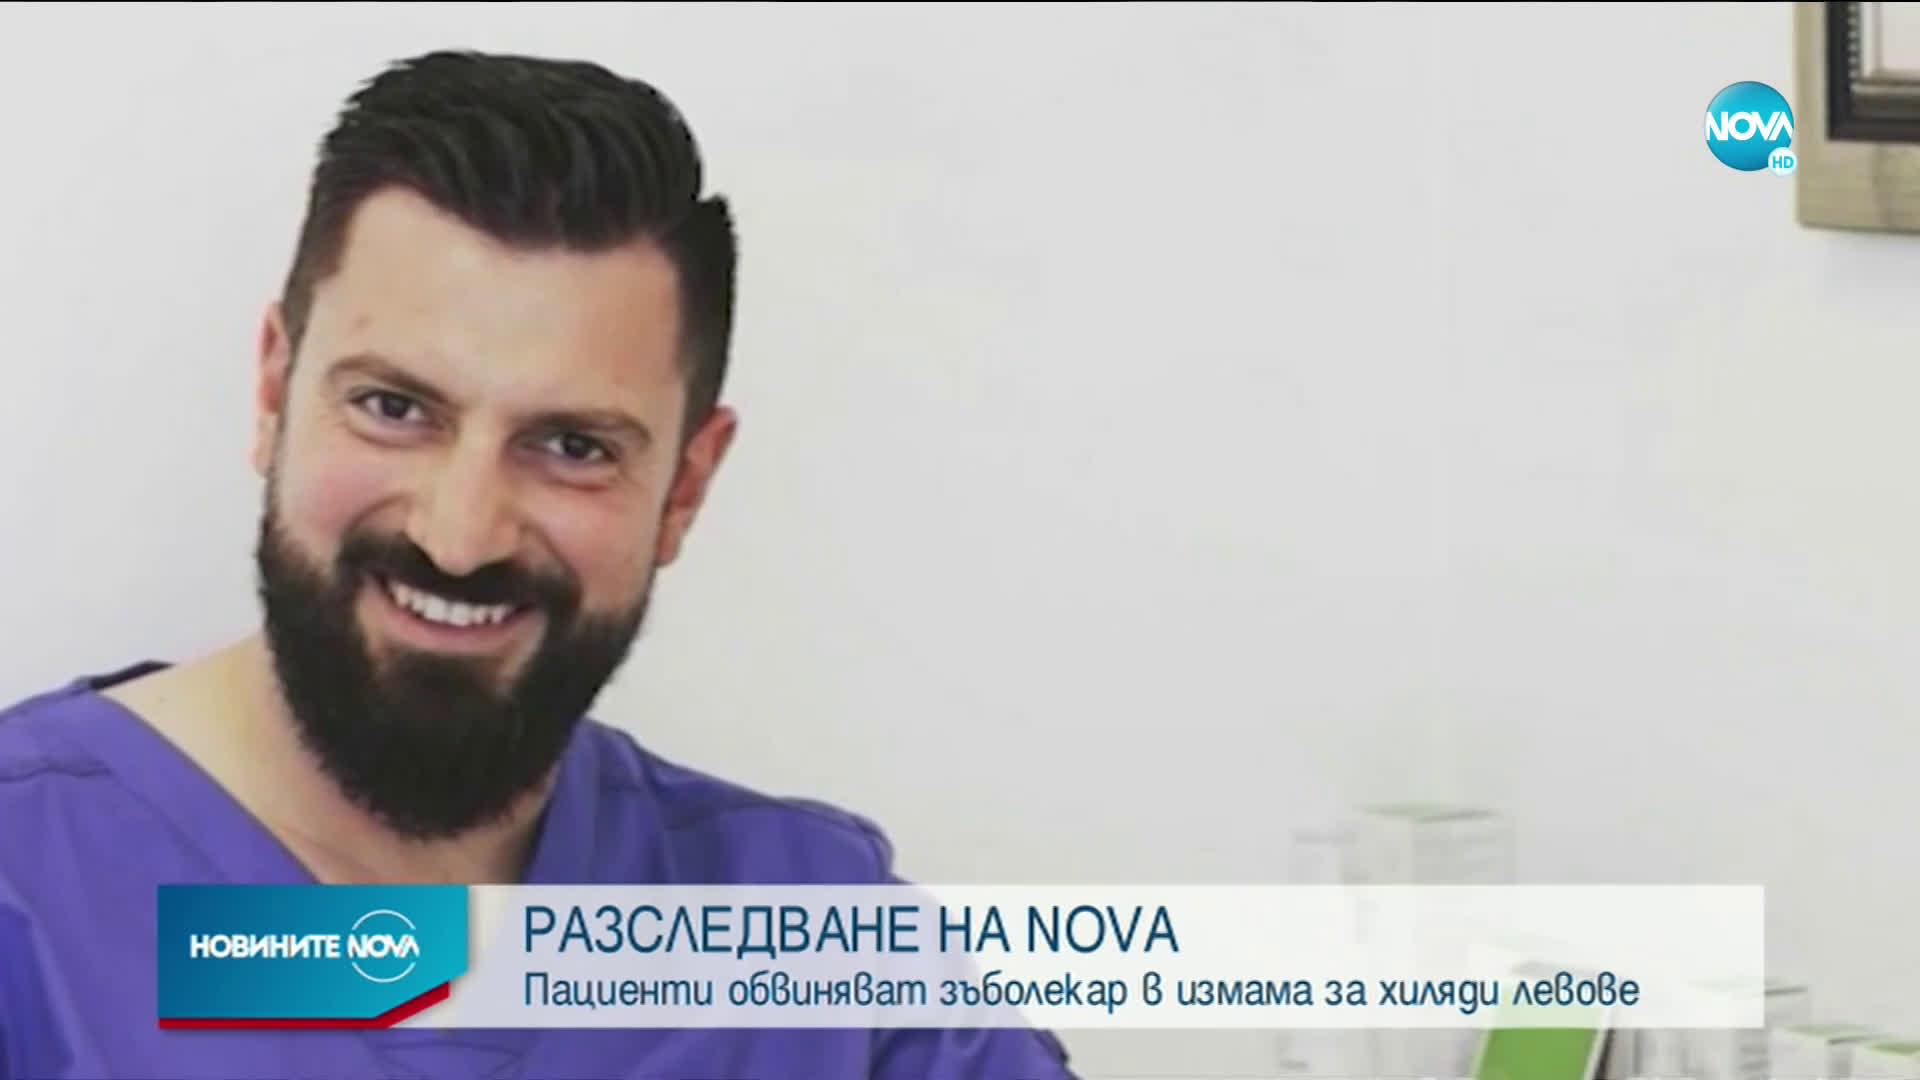 СЛЕД РАЗСЛЕДВАНЕ НА NOVA: Задържаха зъболекаря, обвинен в измами на пациенти